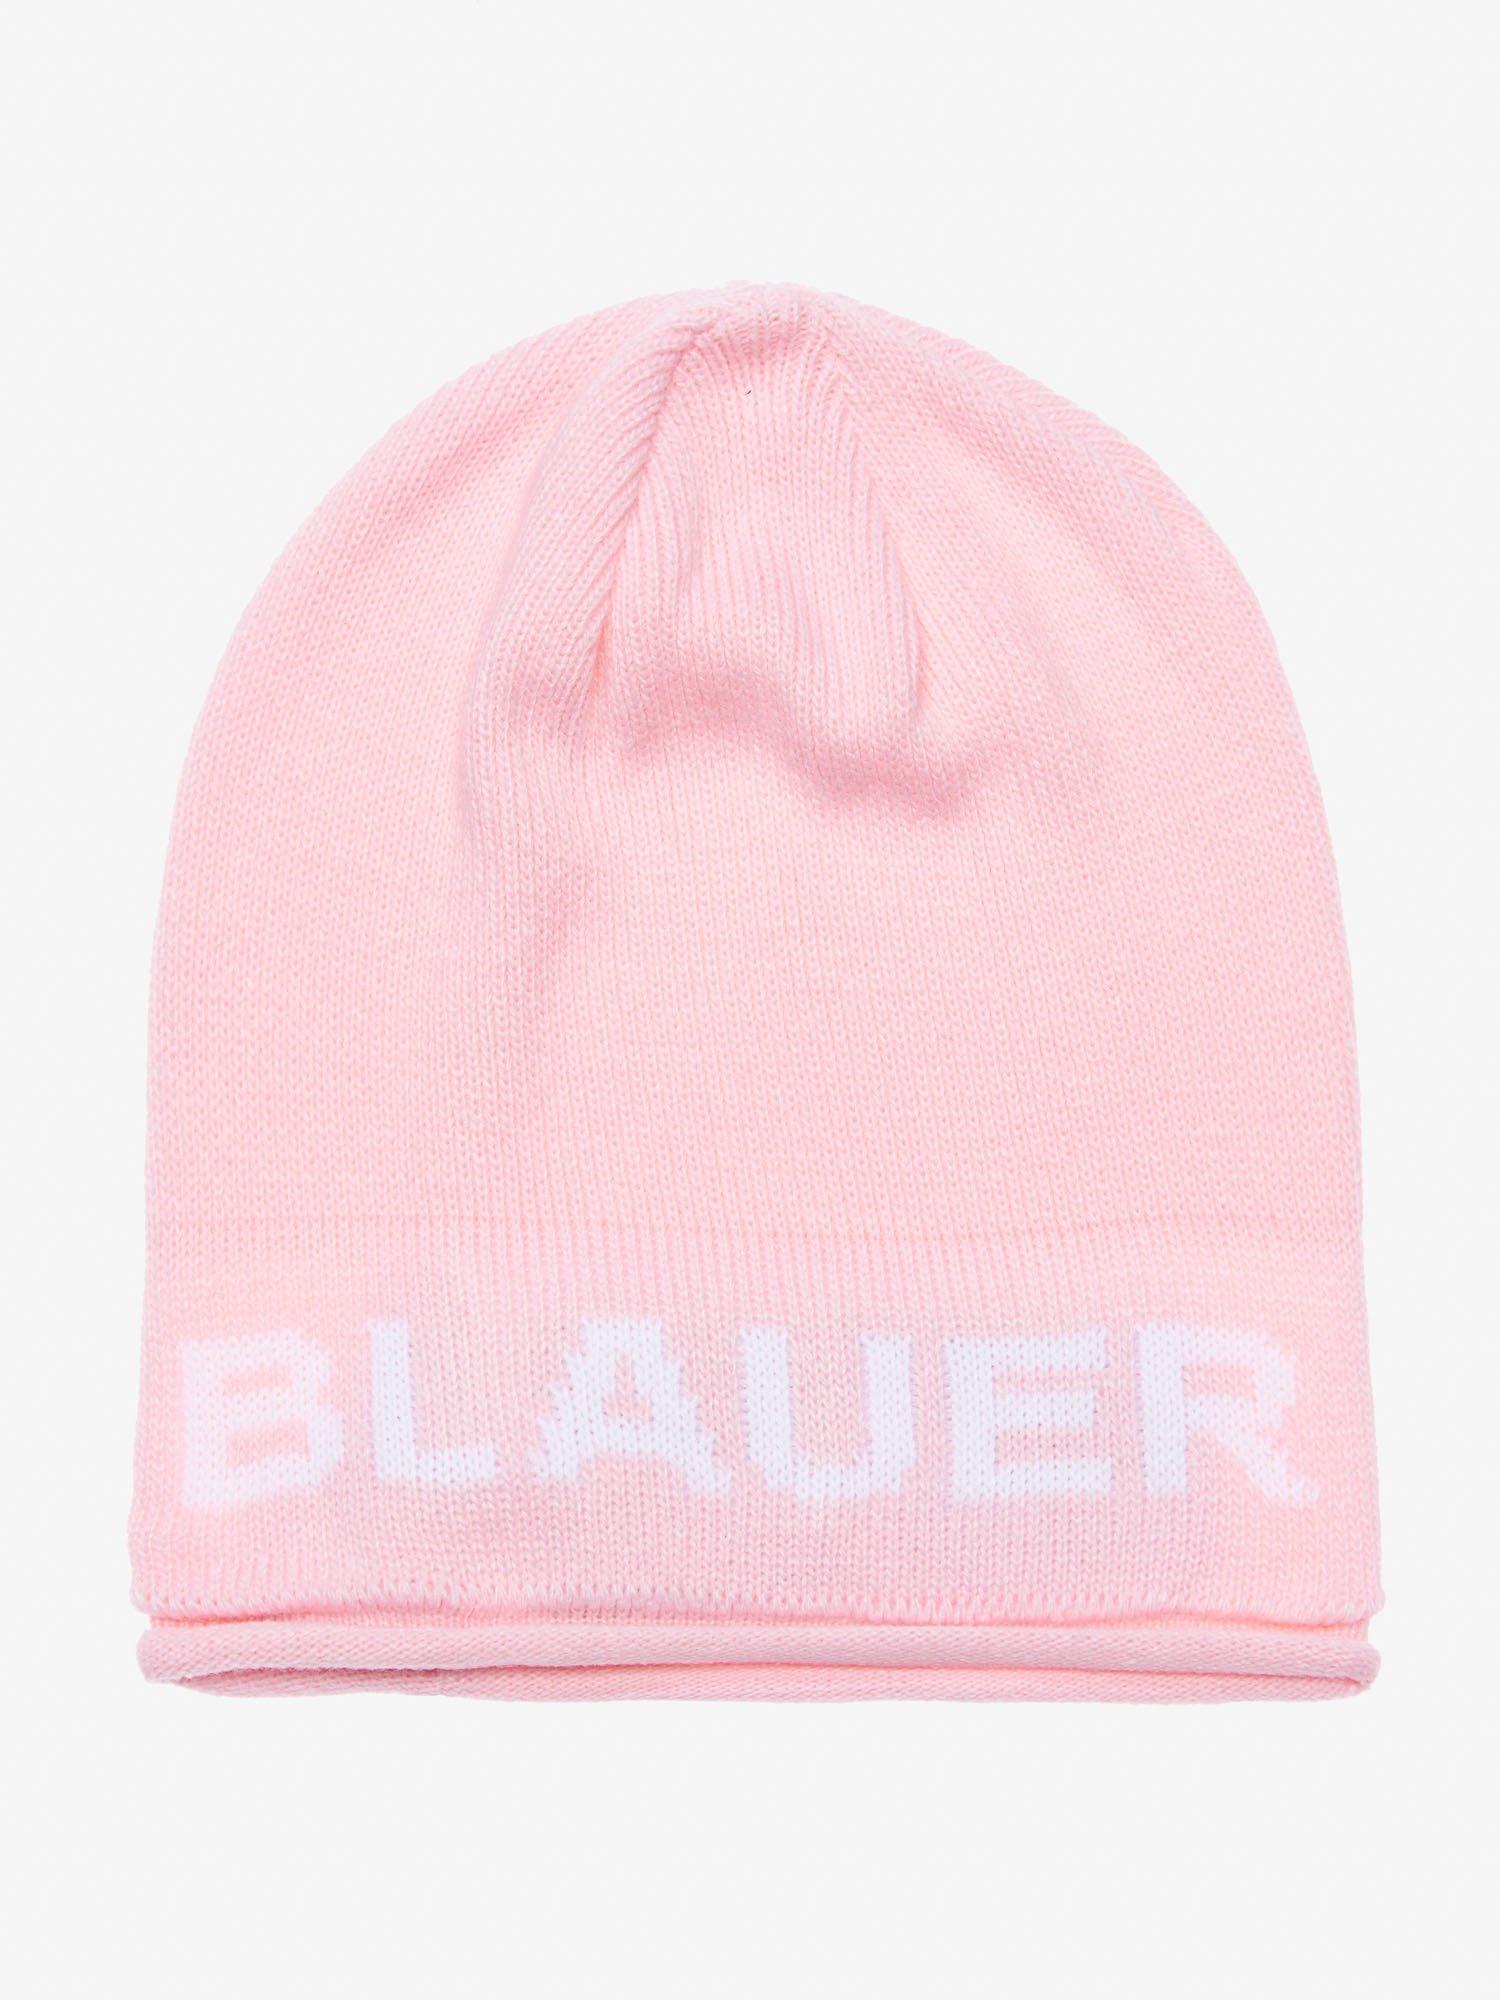 Blauer - BONNET BLAUER - Rose - Blauer